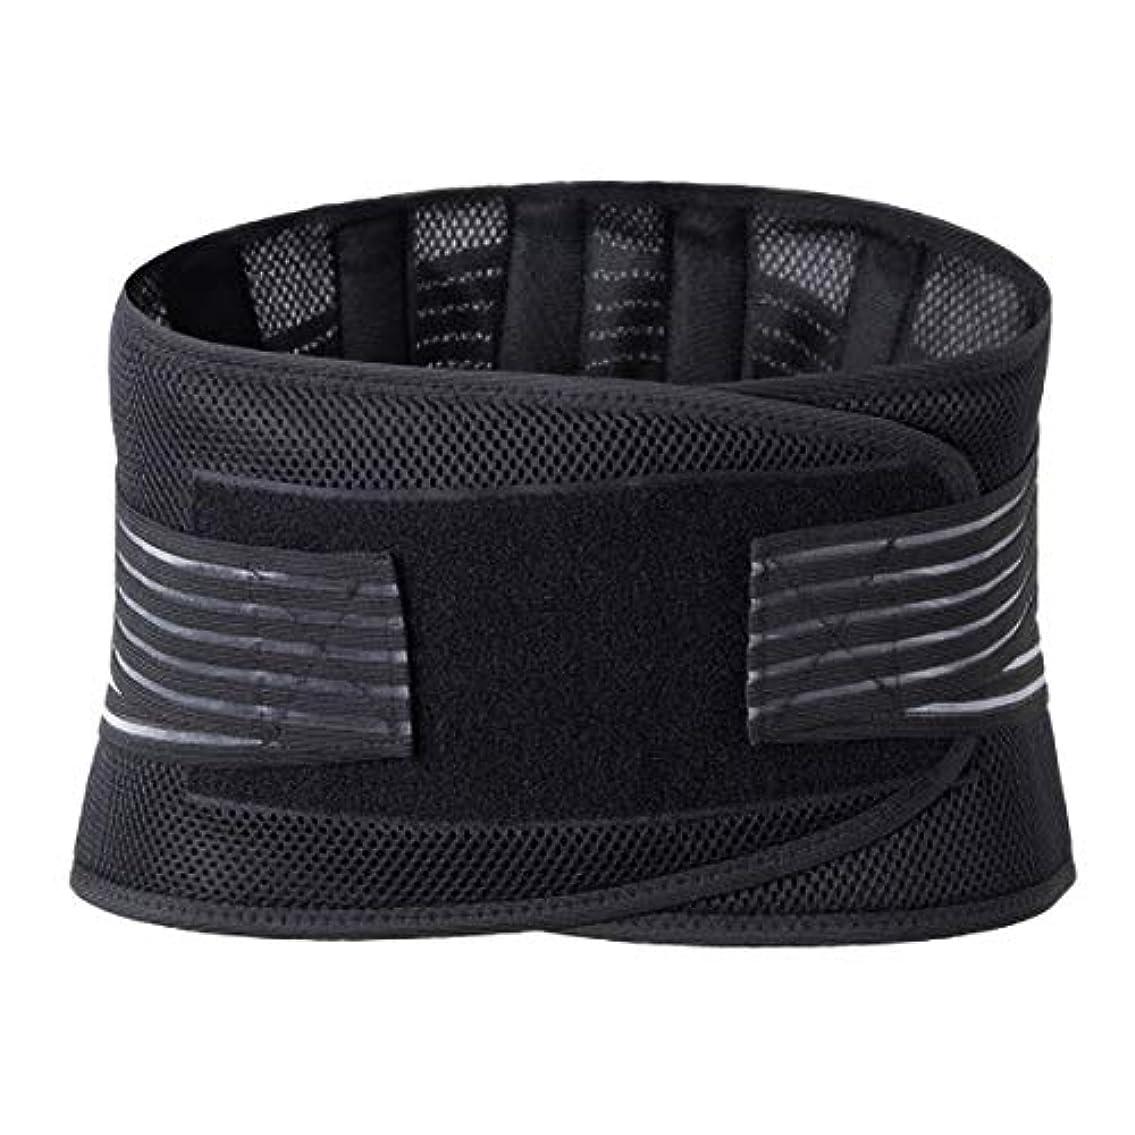 ホース水星トロリーバスランバーウエストサポートバックブレースベルトウエストサポートブレースフィットネススポーツ保護姿勢コレクター再構築 - ブラック